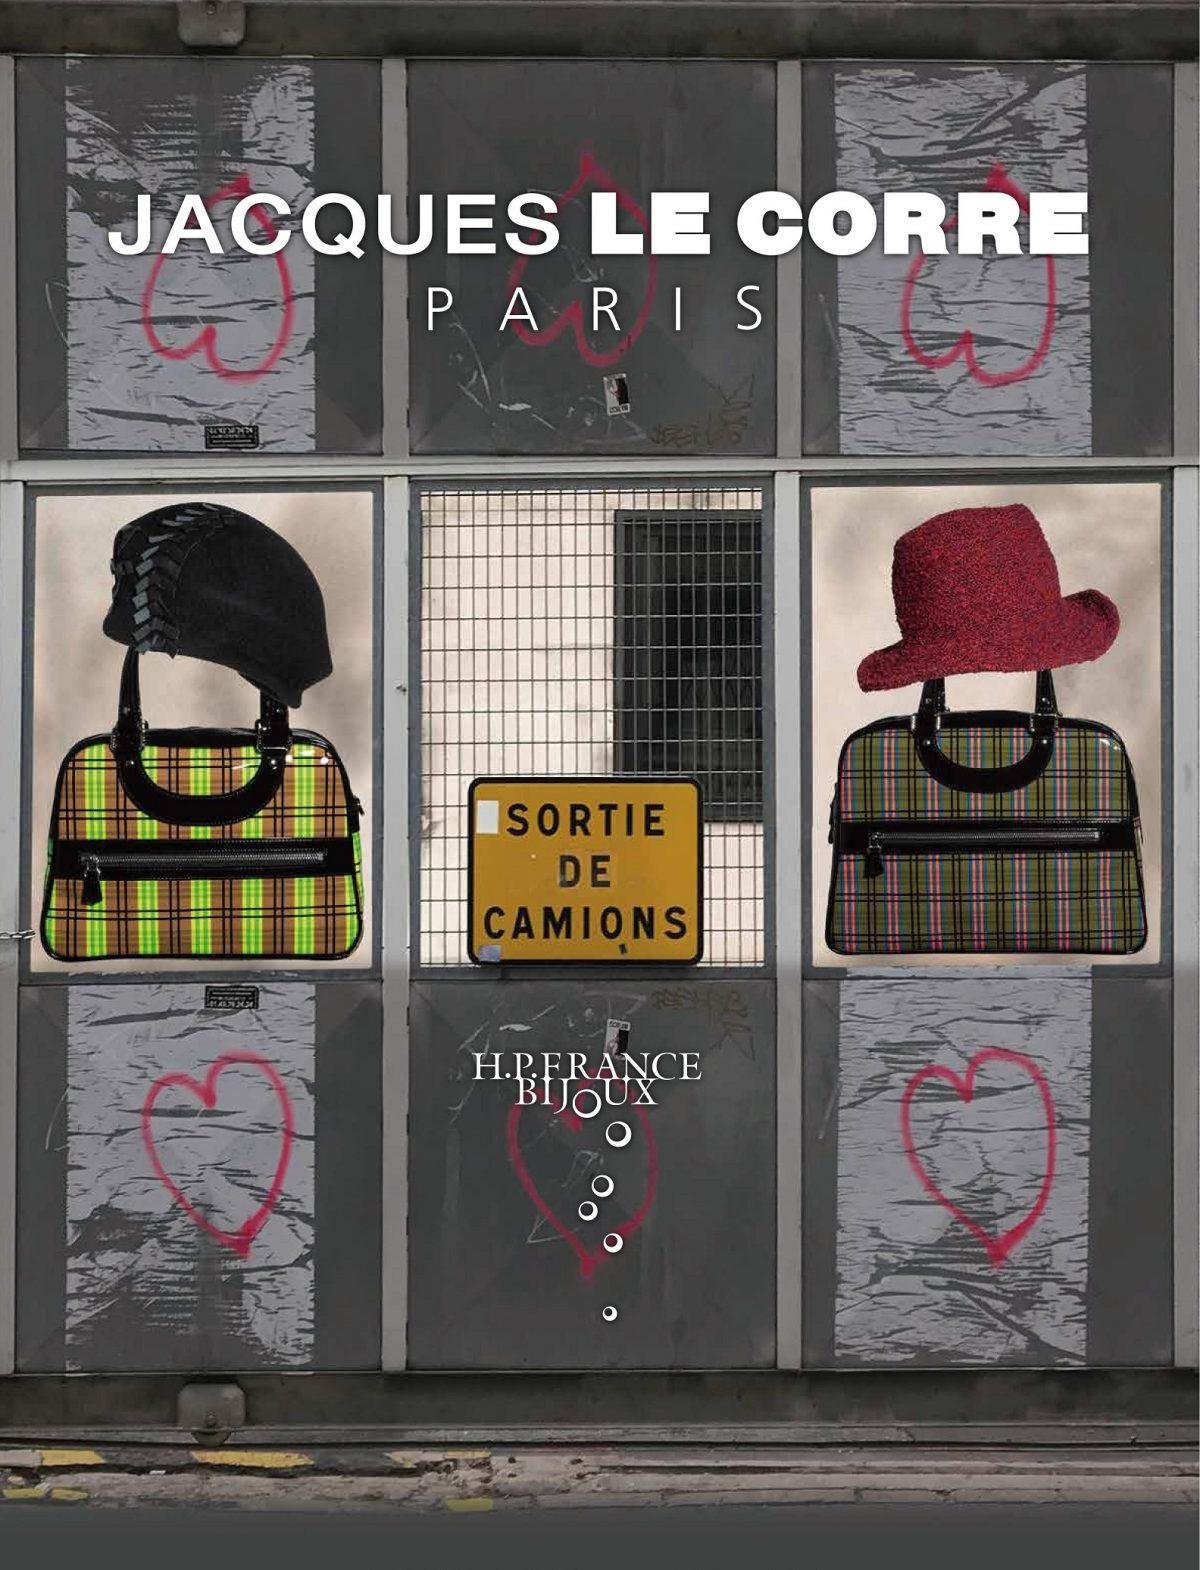 JACQUESLECORRE じゃっくるこー ジャックルコー リスボン 2019AW チェック ブレード 帽子 バッグ トート